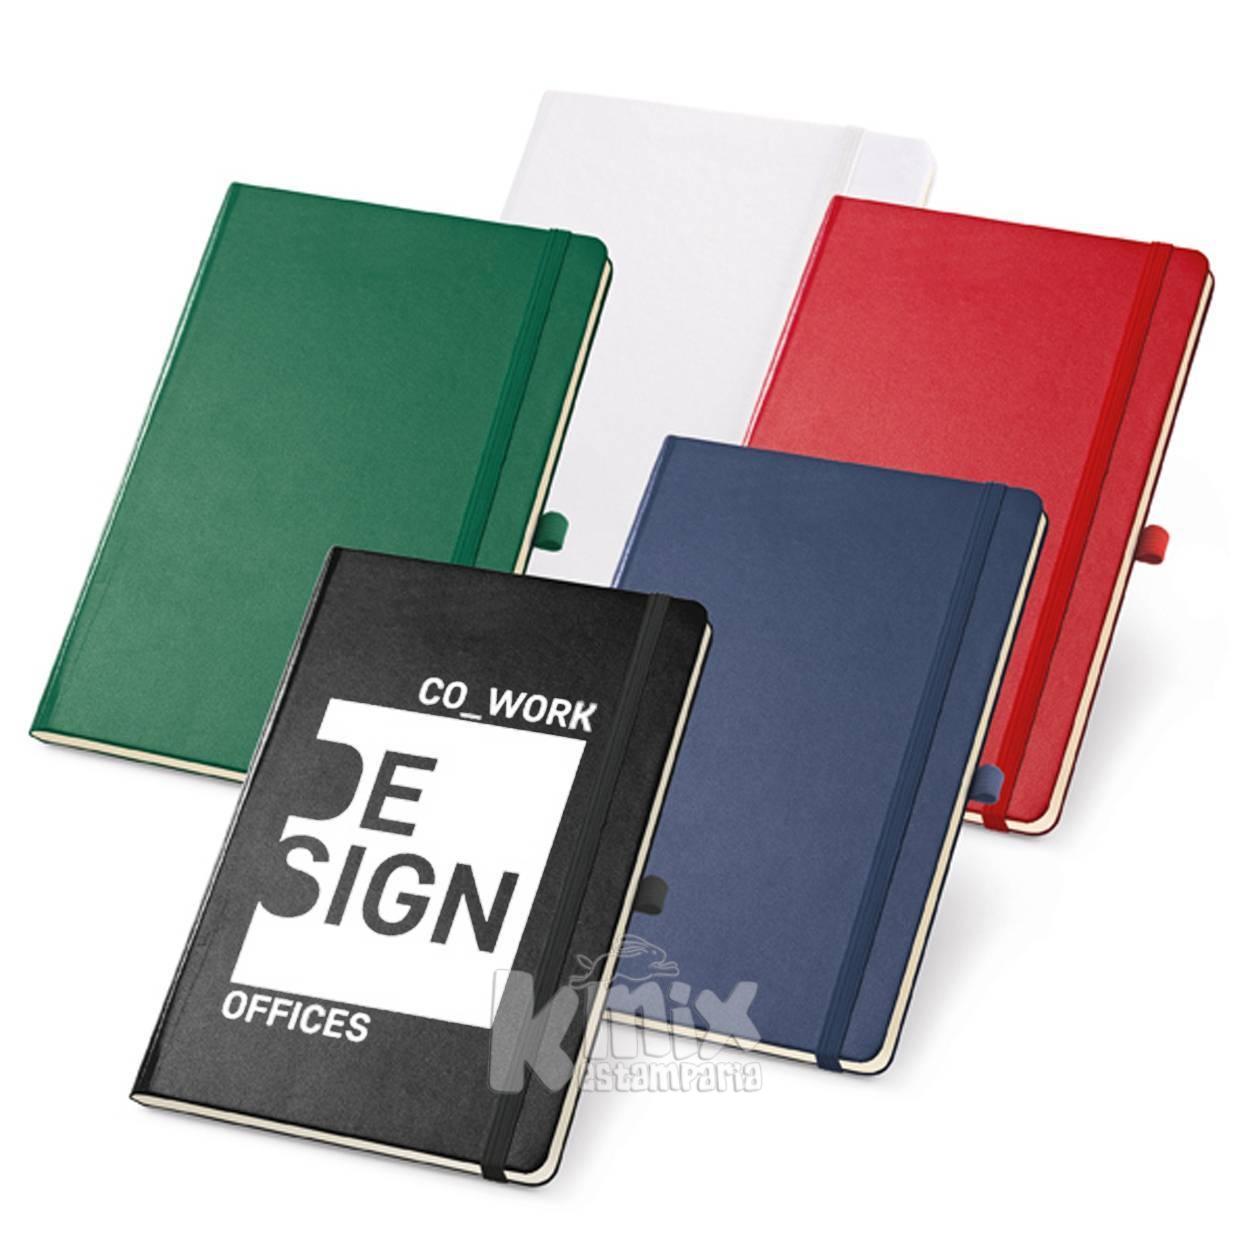 Caderno capa dura (93727)